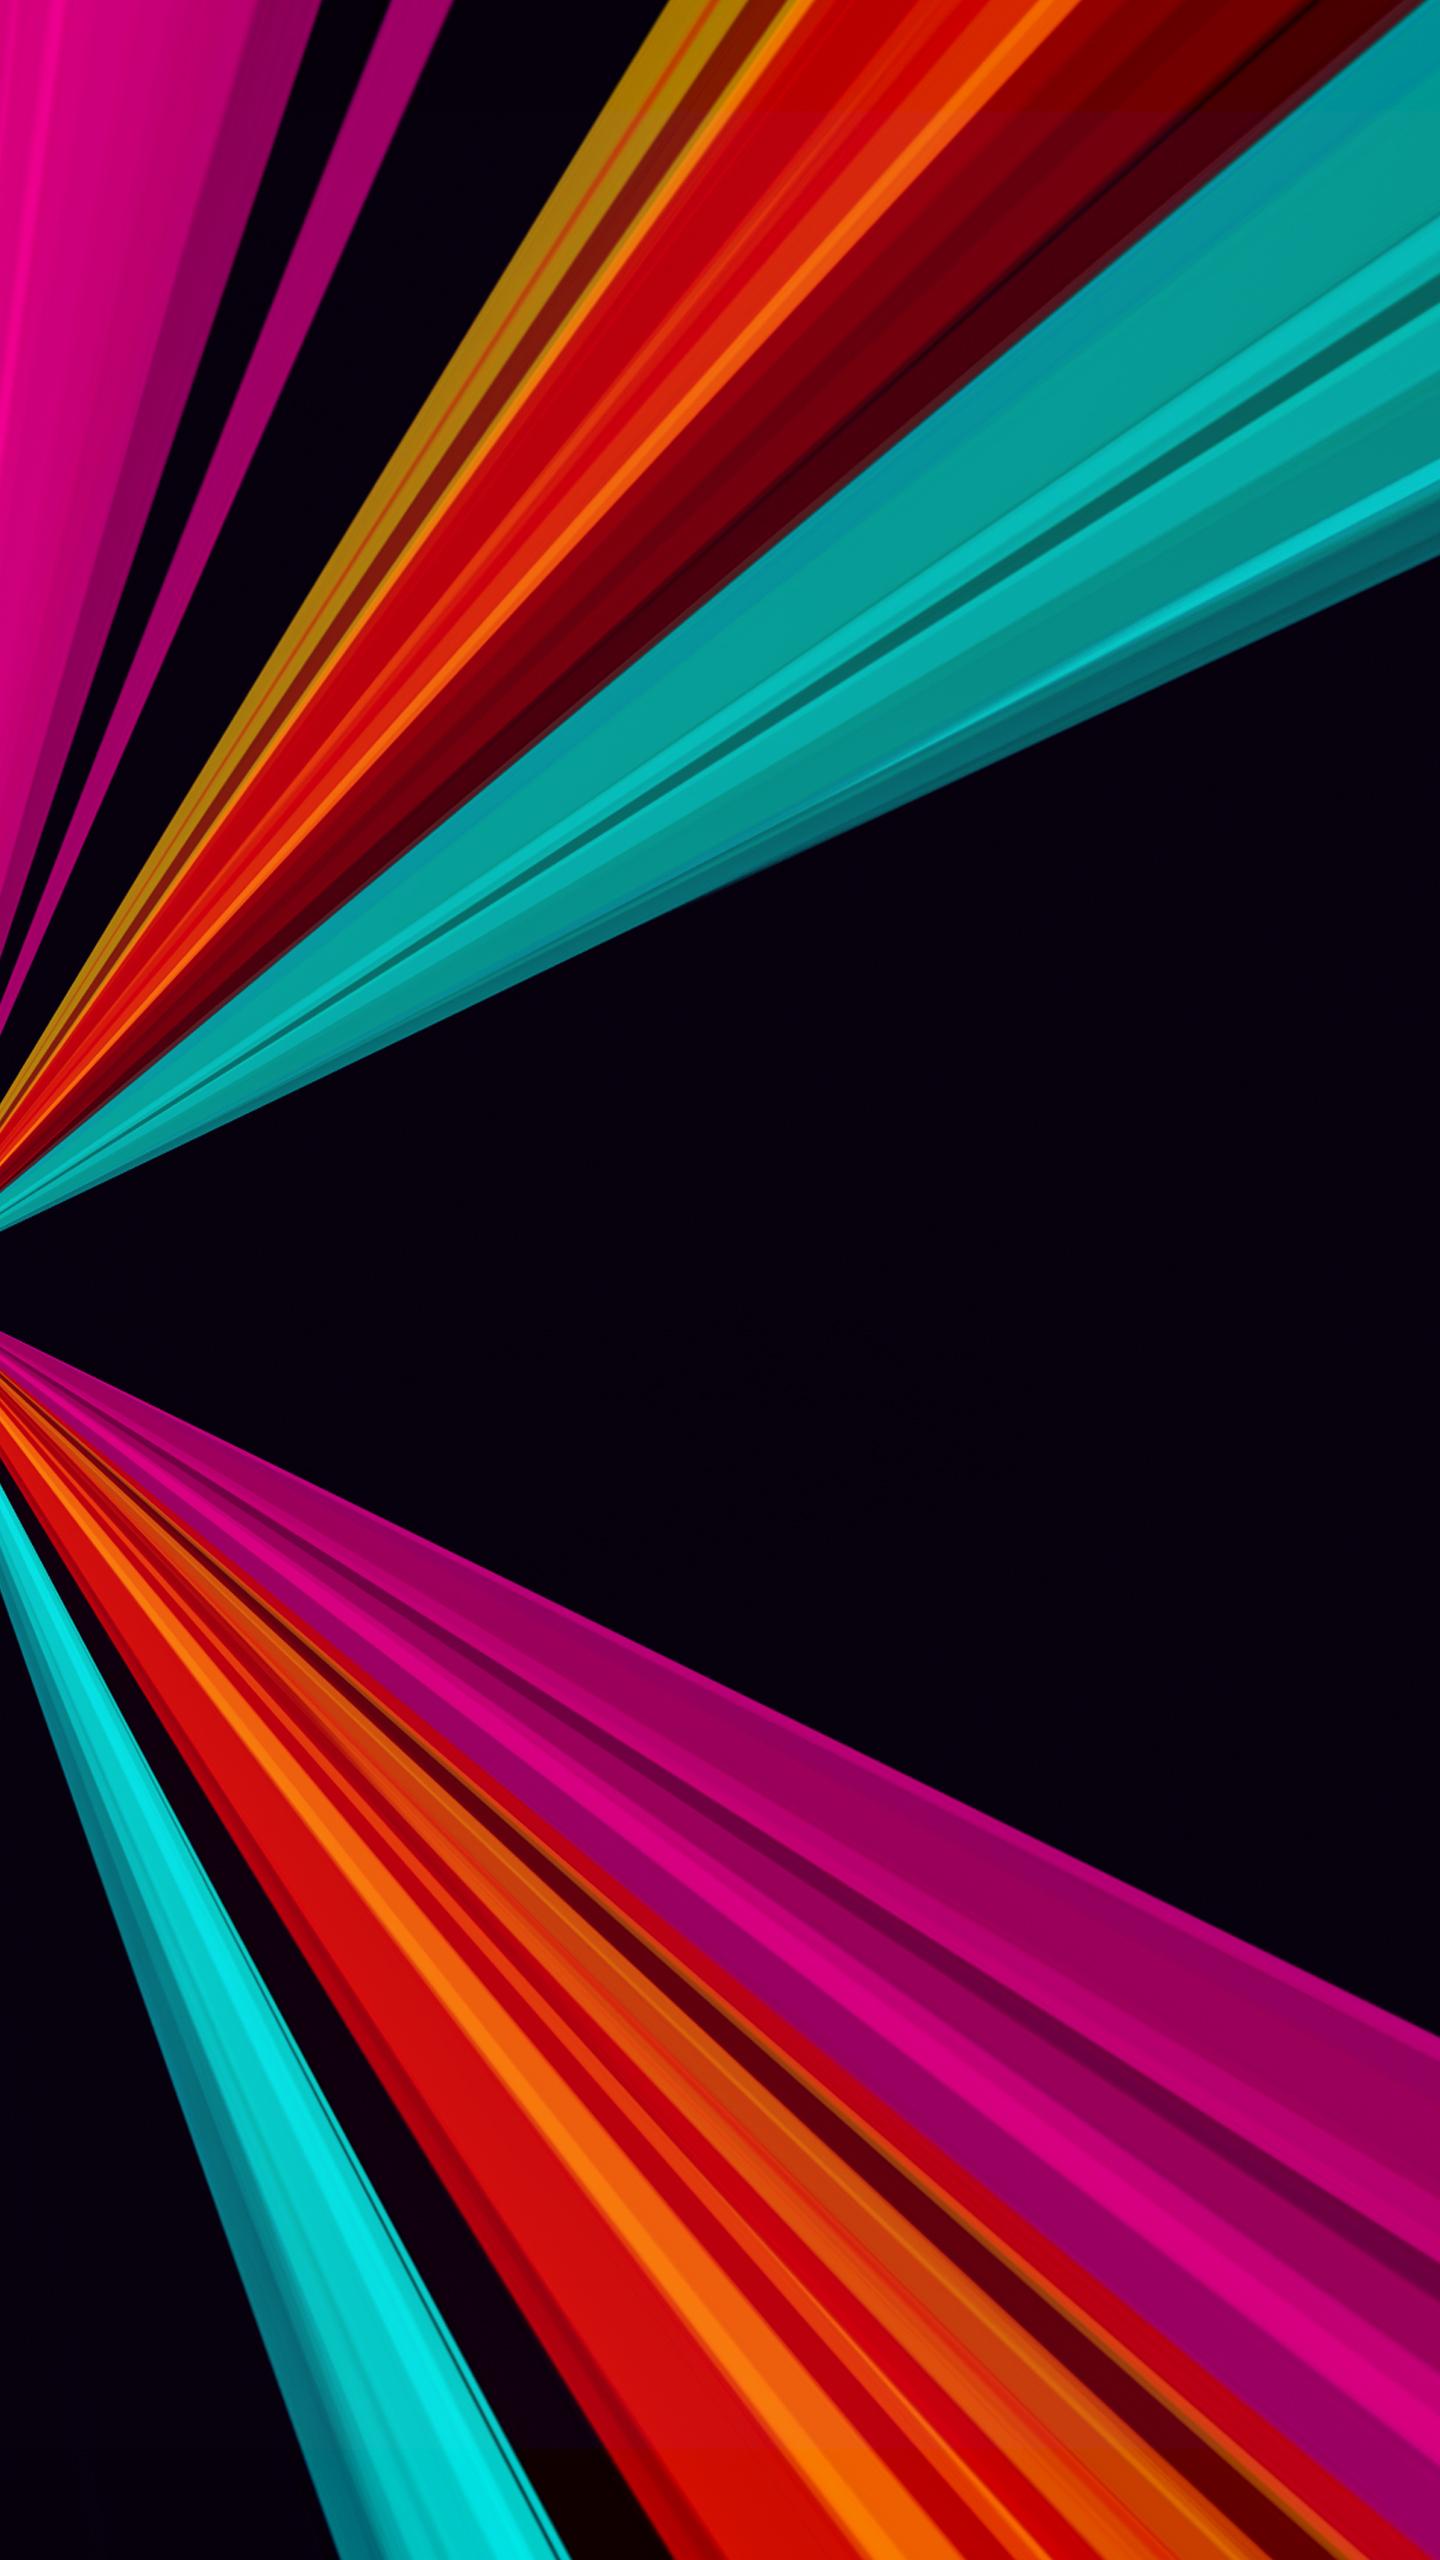 ribbons-abstract-8k-g3.jpg